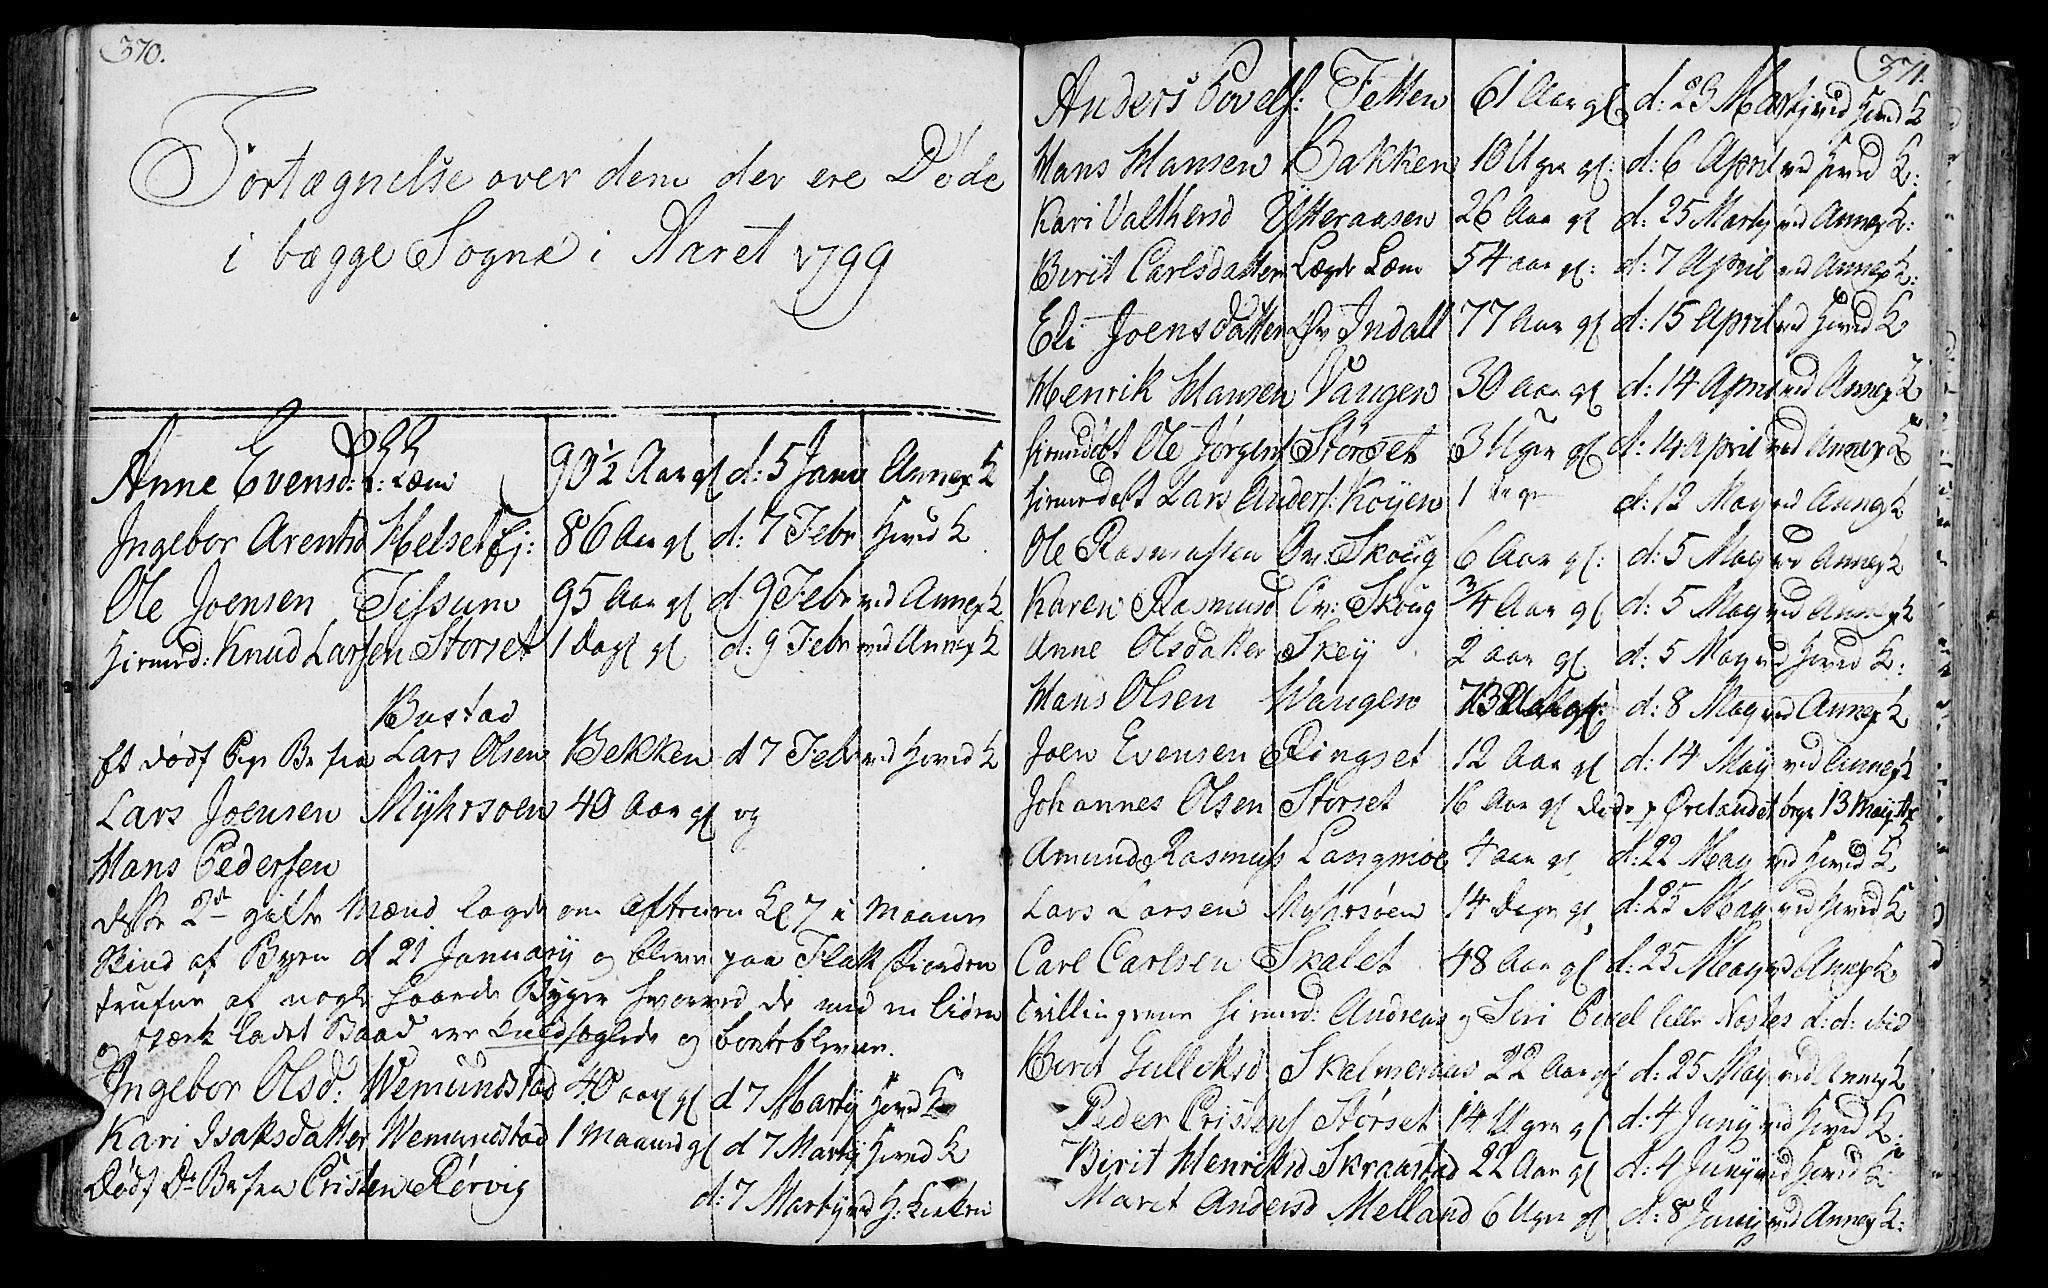 SAT, Ministerialprotokoller, klokkerbøker og fødselsregistre - Sør-Trøndelag, 646/L0606: Ministerialbok nr. 646A04, 1791-1805, s. 370-371